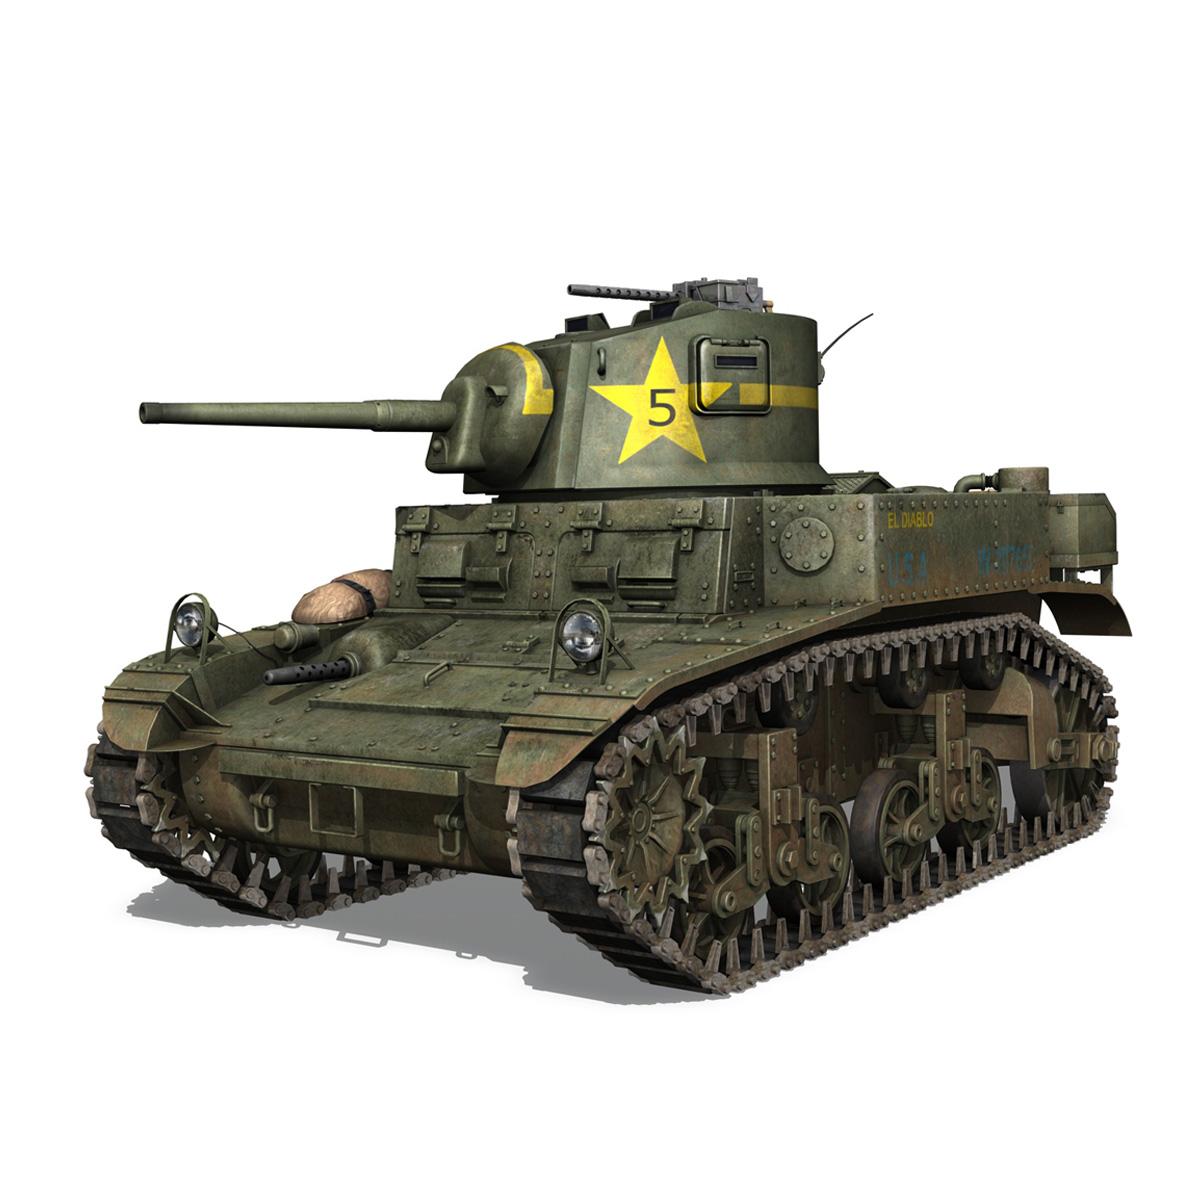 m3 light tank stuart – el diablo 3d model 3ds c4d fbx lwo lw lws obj 265354